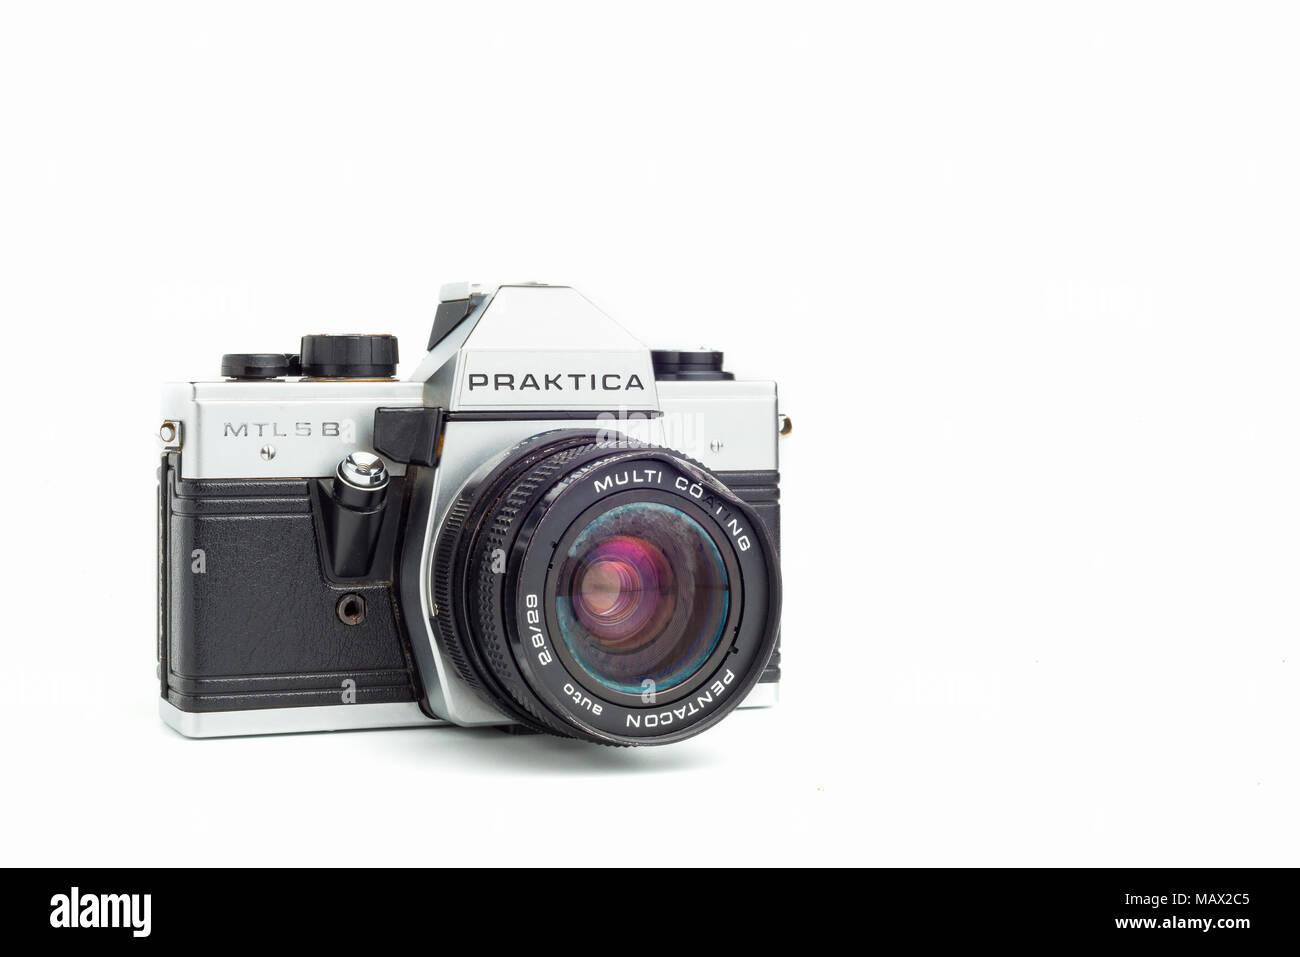 wednesday 20 february 2018, Badajoz, Spain. Praktica MTL5B Old photo camera on white background - Stock Image